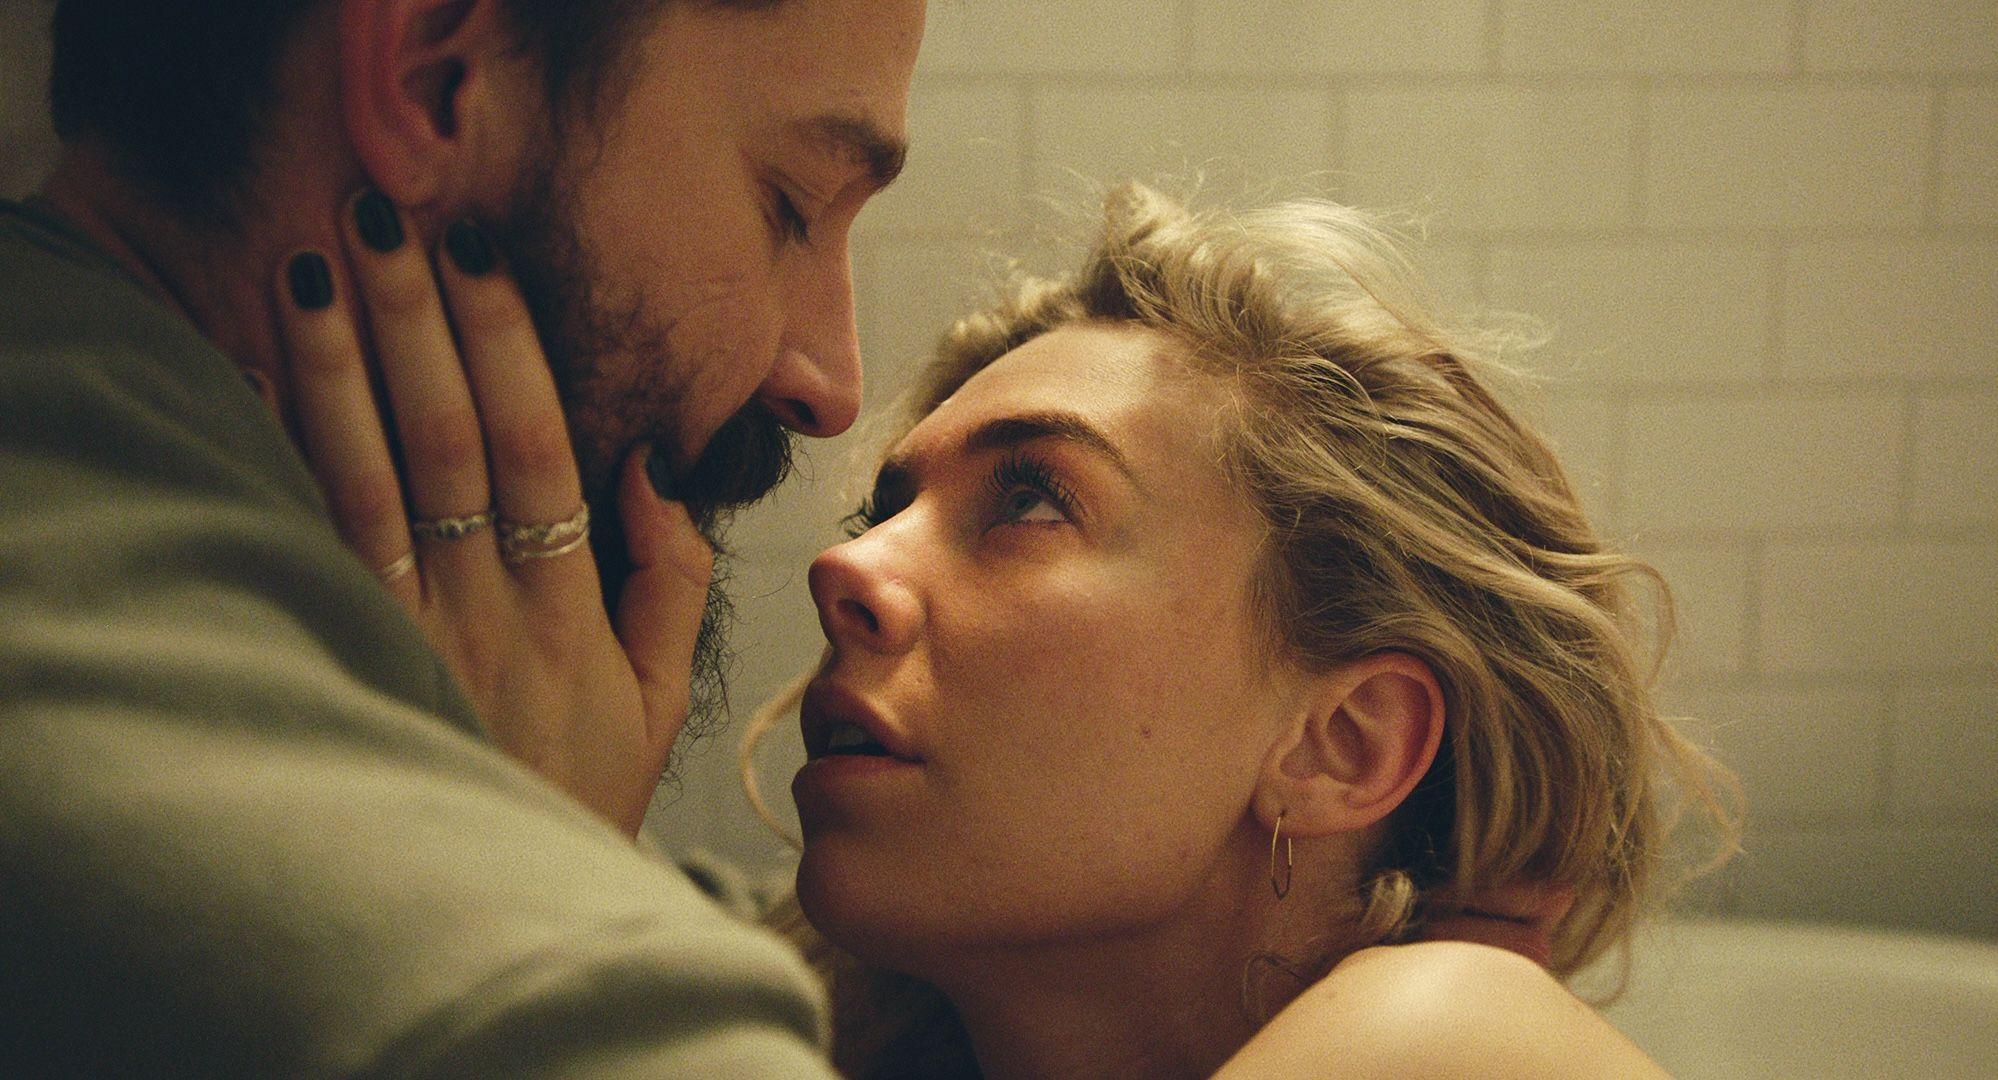 Vanessa Kirby Oscar-jelölt Mundruczó Kornél filmjében alakított főszerepéért